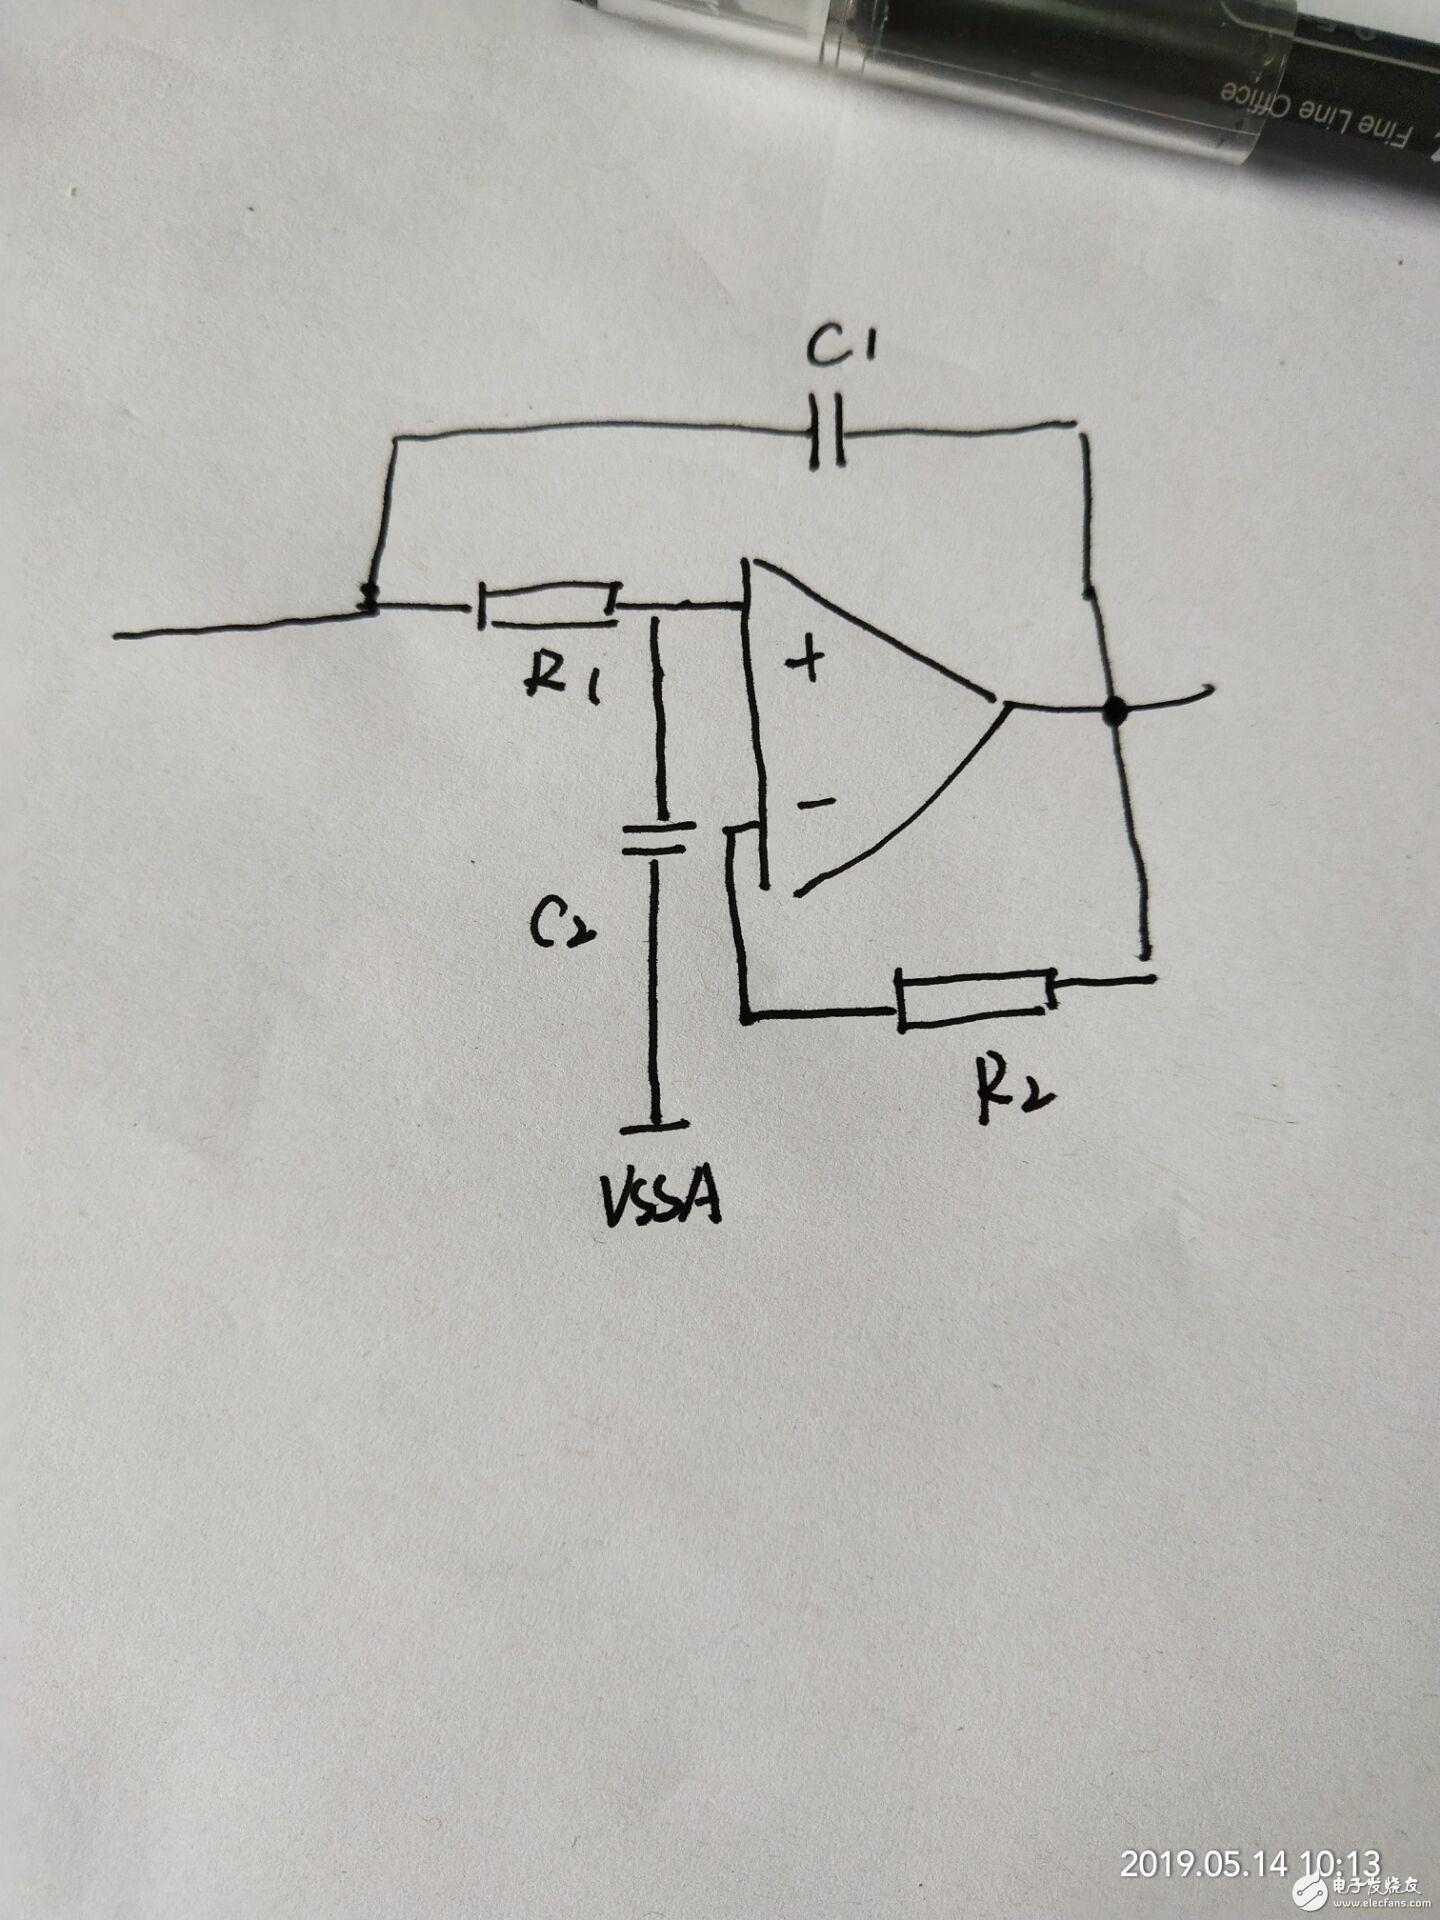 拜托大家帮忙看一个运放电路,不知道这是起作用的